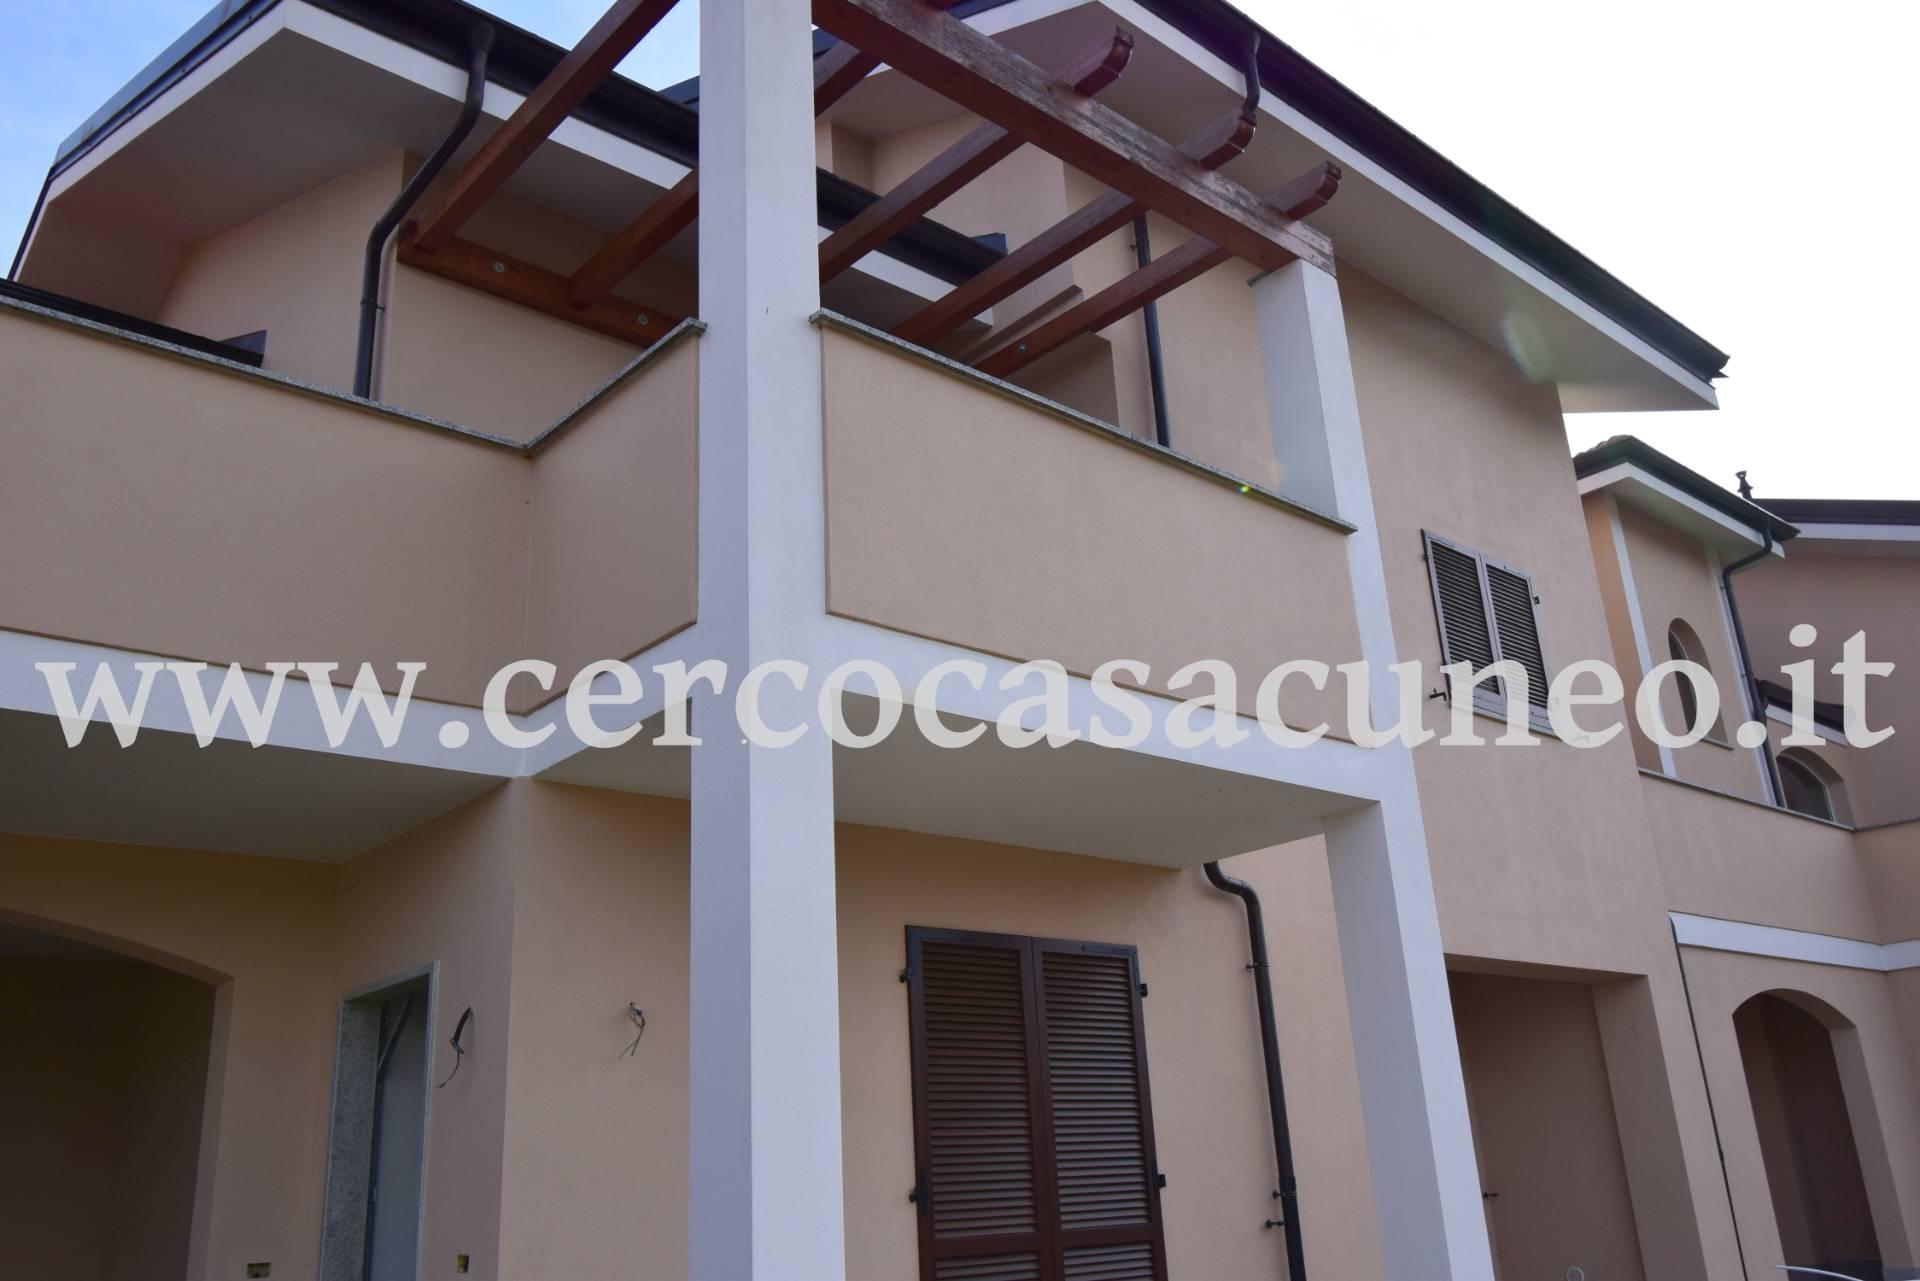 Attico / Mansarda in vendita a Vignolo, 4 locali, prezzo € 255.000 | CambioCasa.it